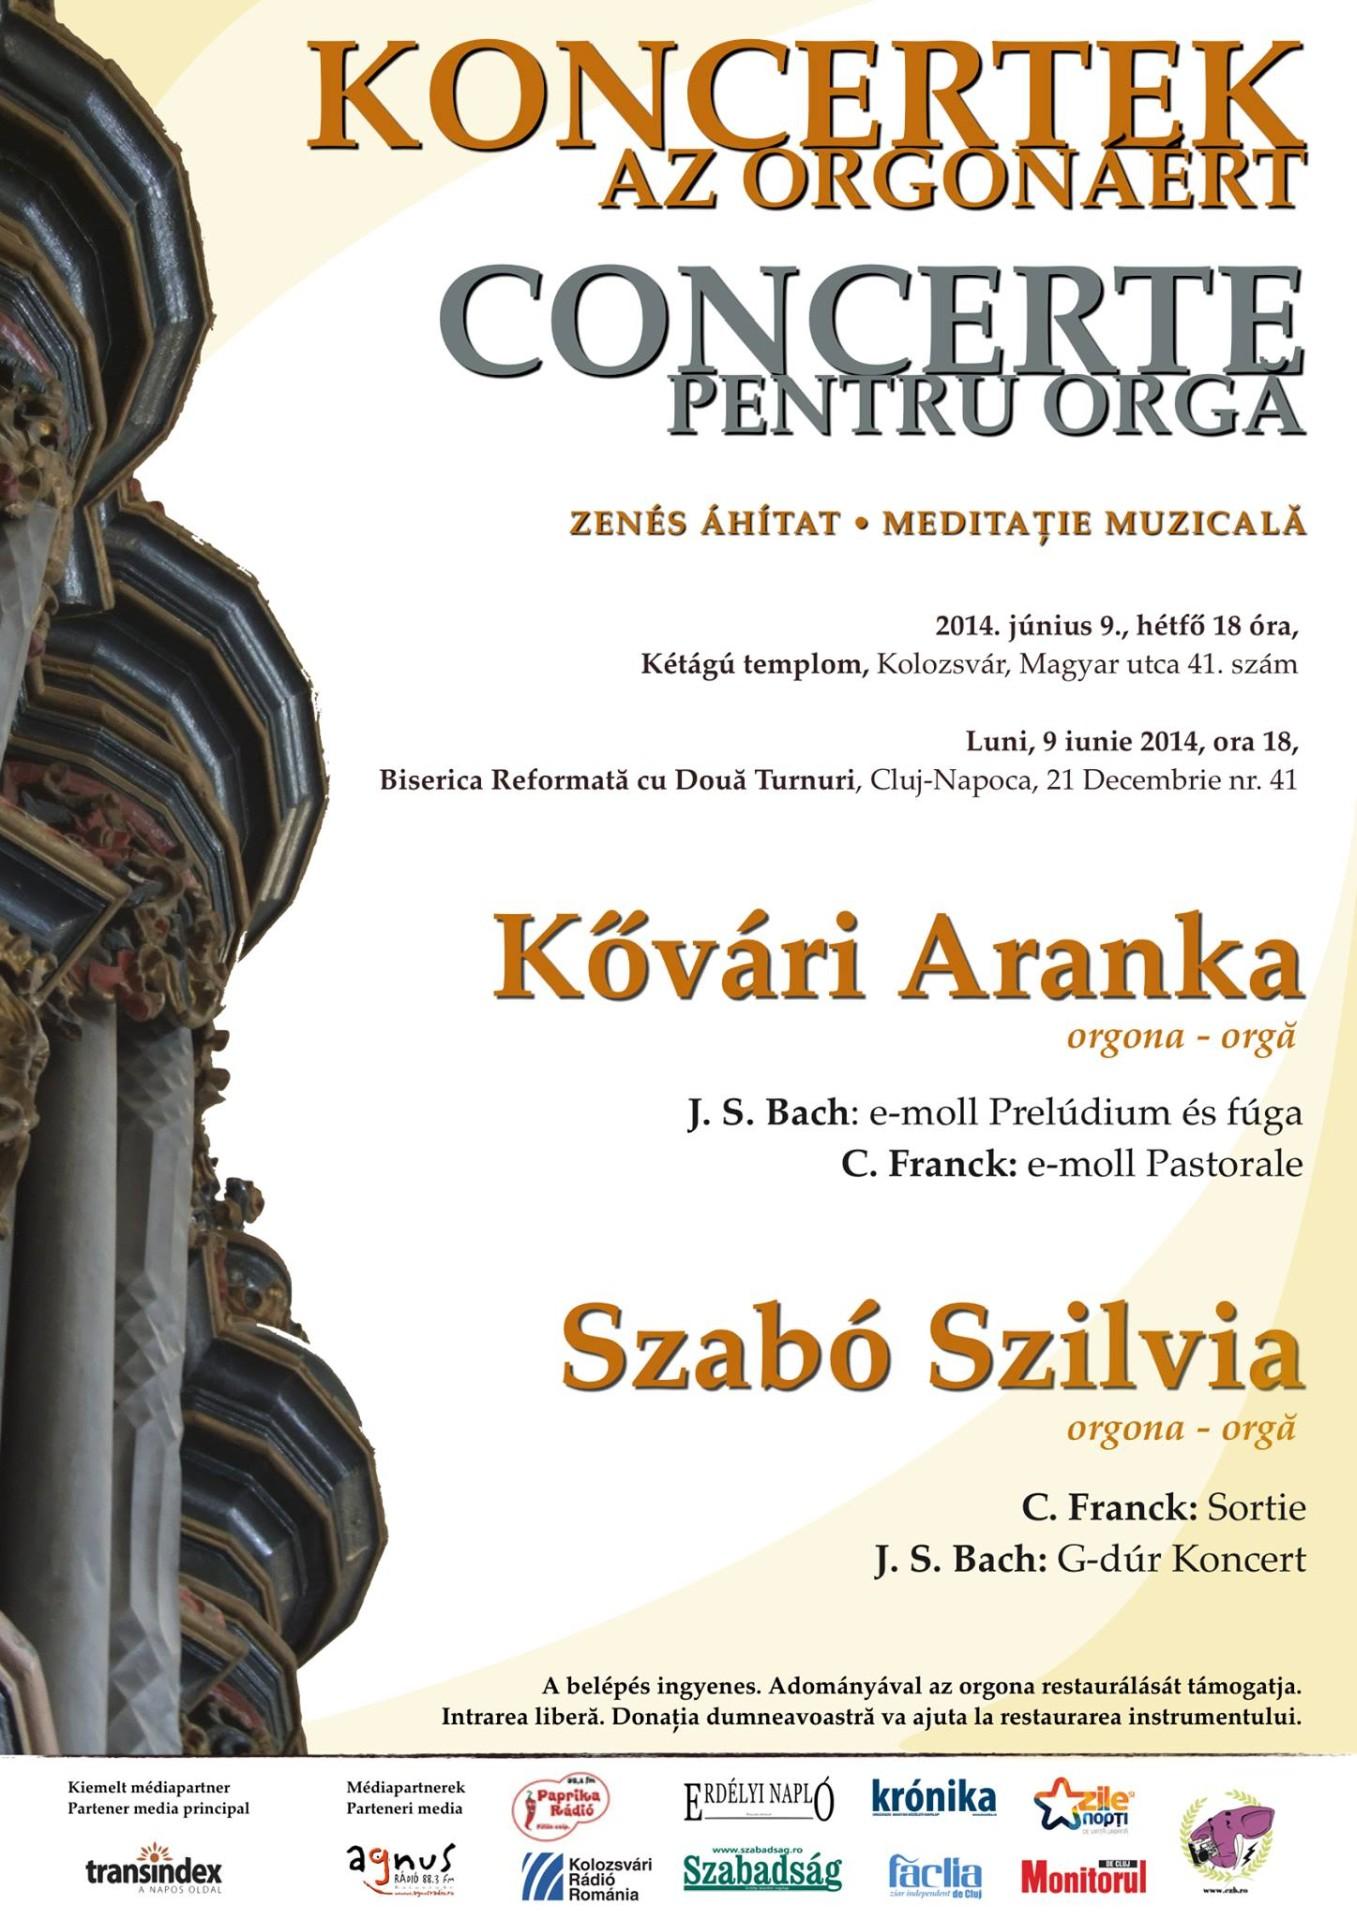 Koncertek az orgonáért - zenés áhítat a Kétágú templomban